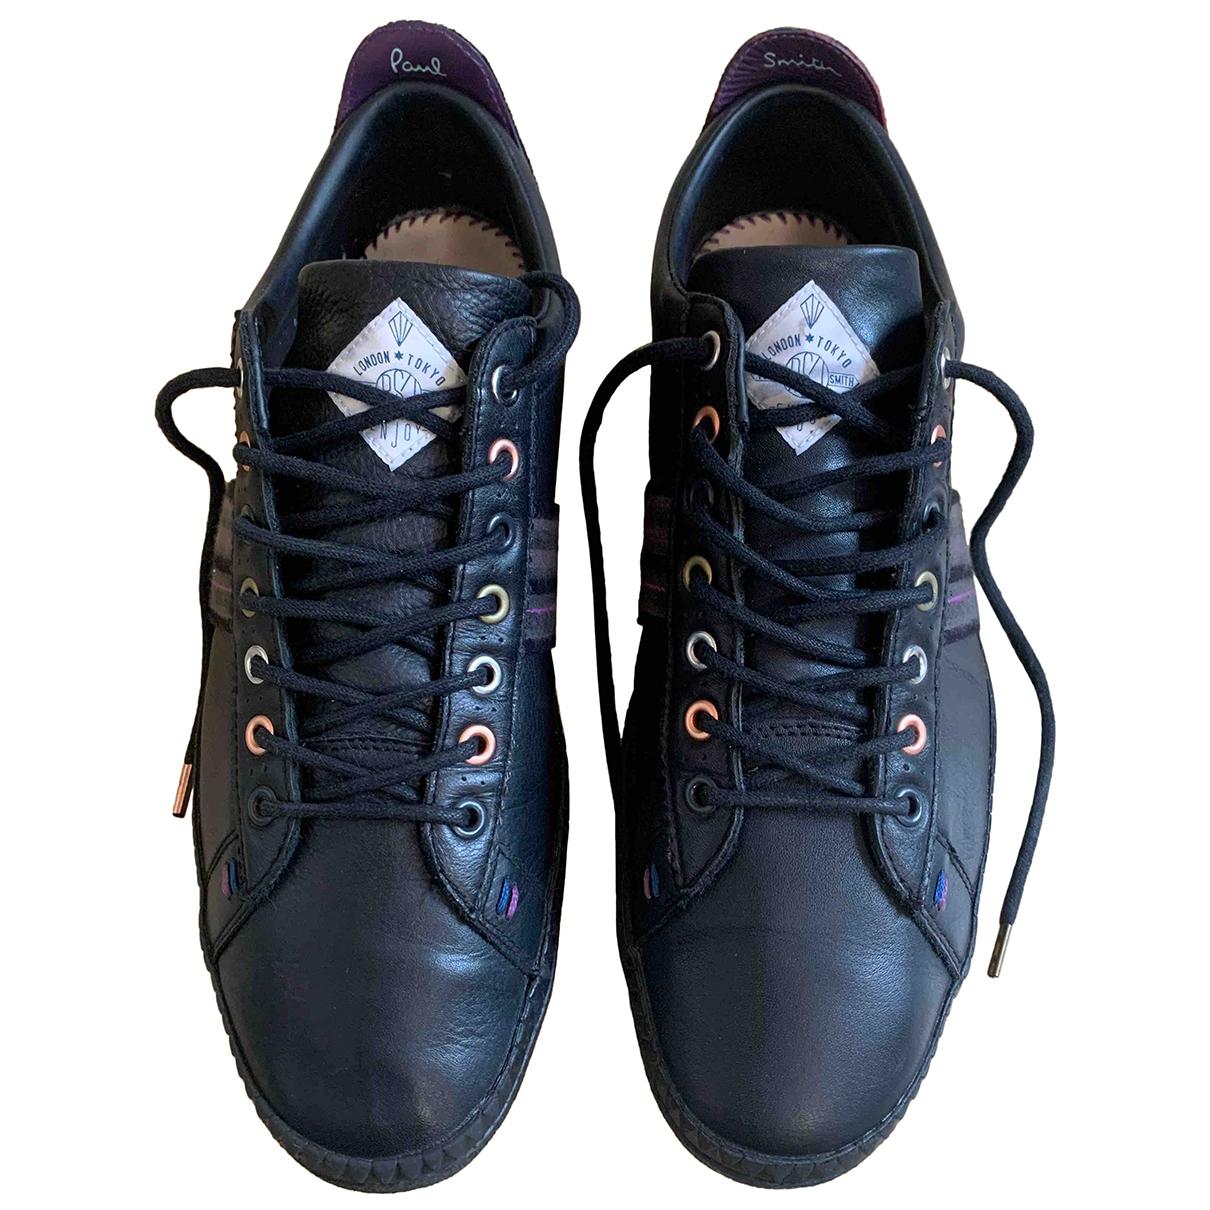 Paul Smith - Baskets   pour homme en cuir - noir